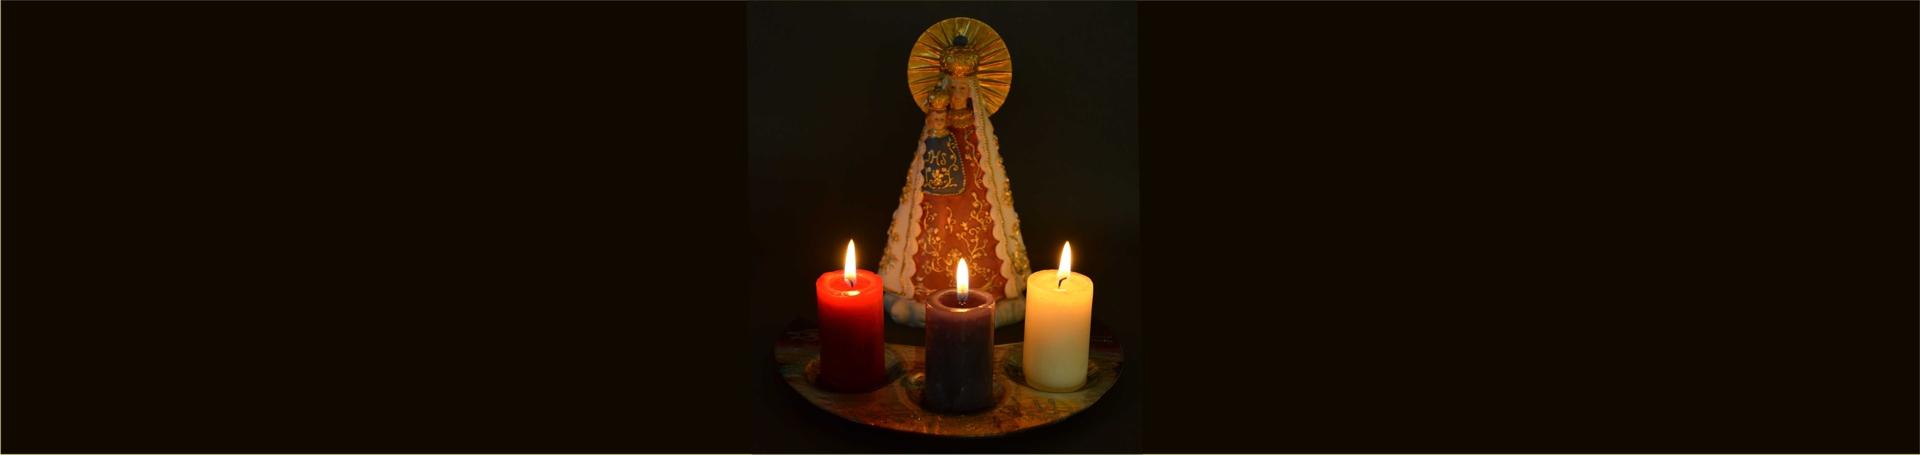 Gnadenmutter mit Kerzen